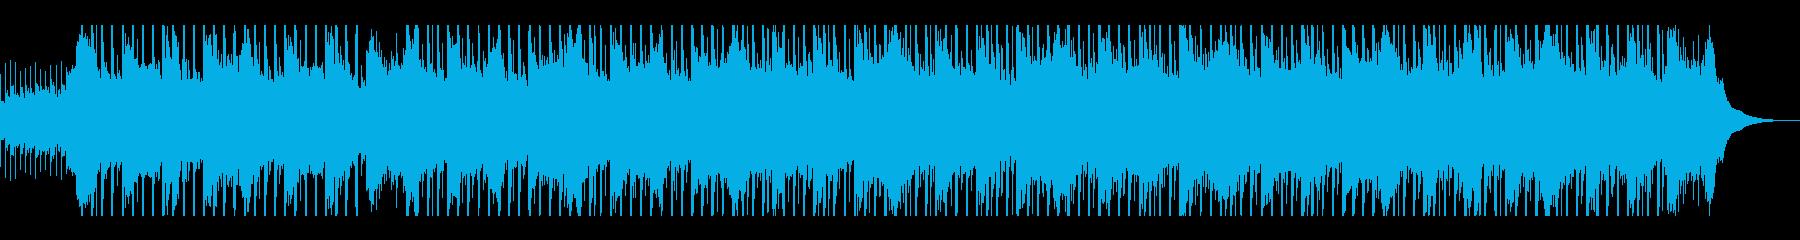 新製品プレゼンテーション(90秒)の再生済みの波形